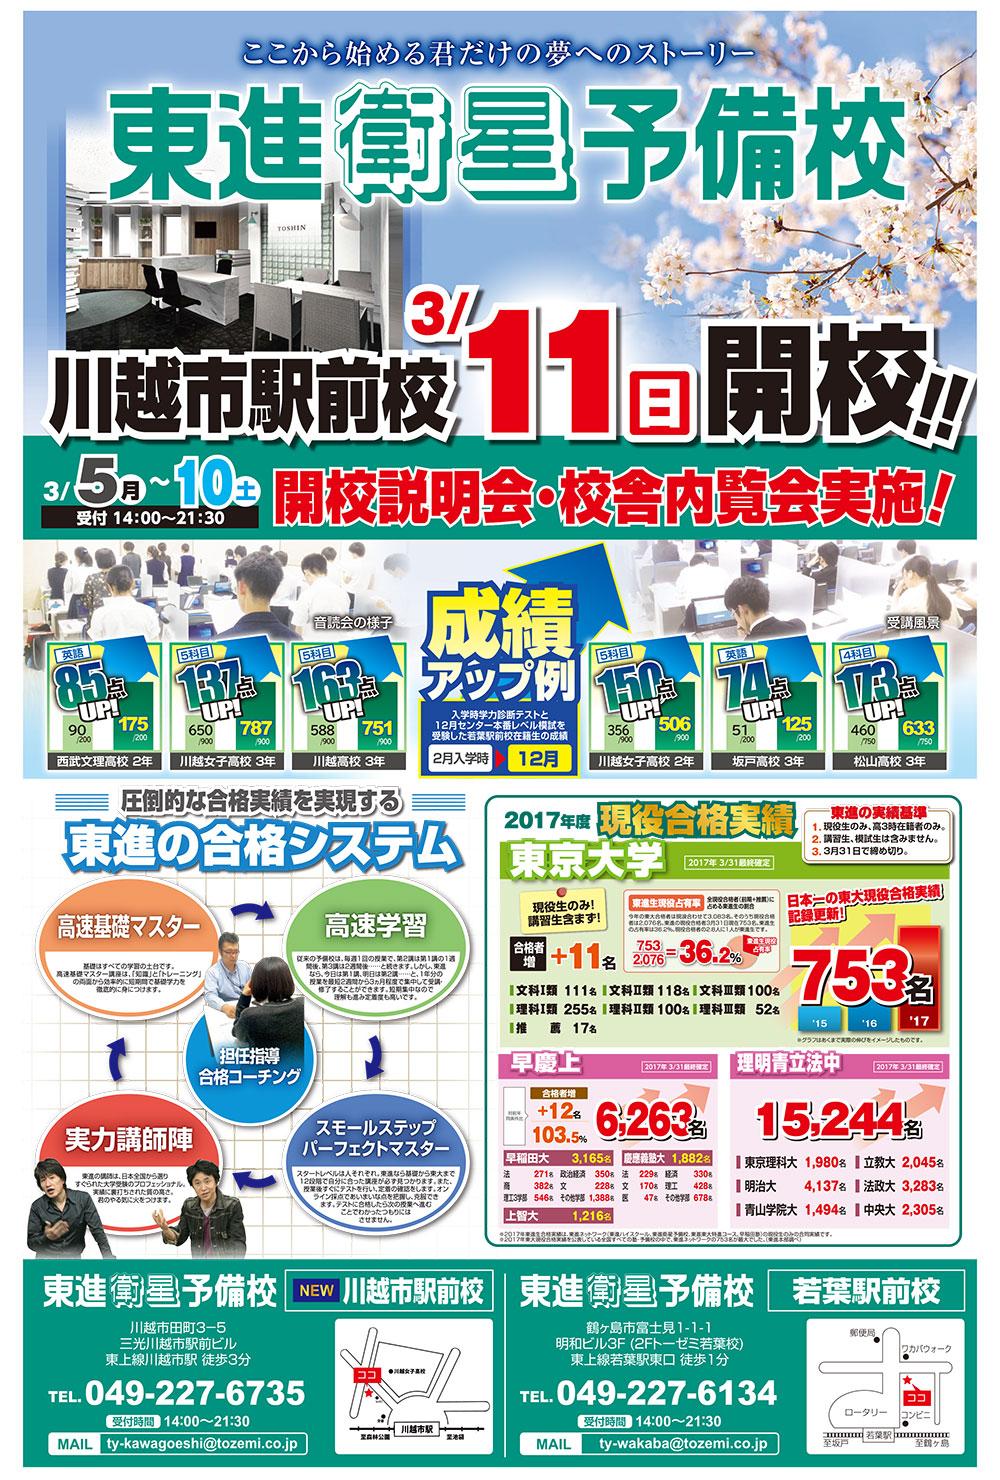 新聞折込チラシ(東進衛星予備校 川越市駅前校 3月11日開校!)